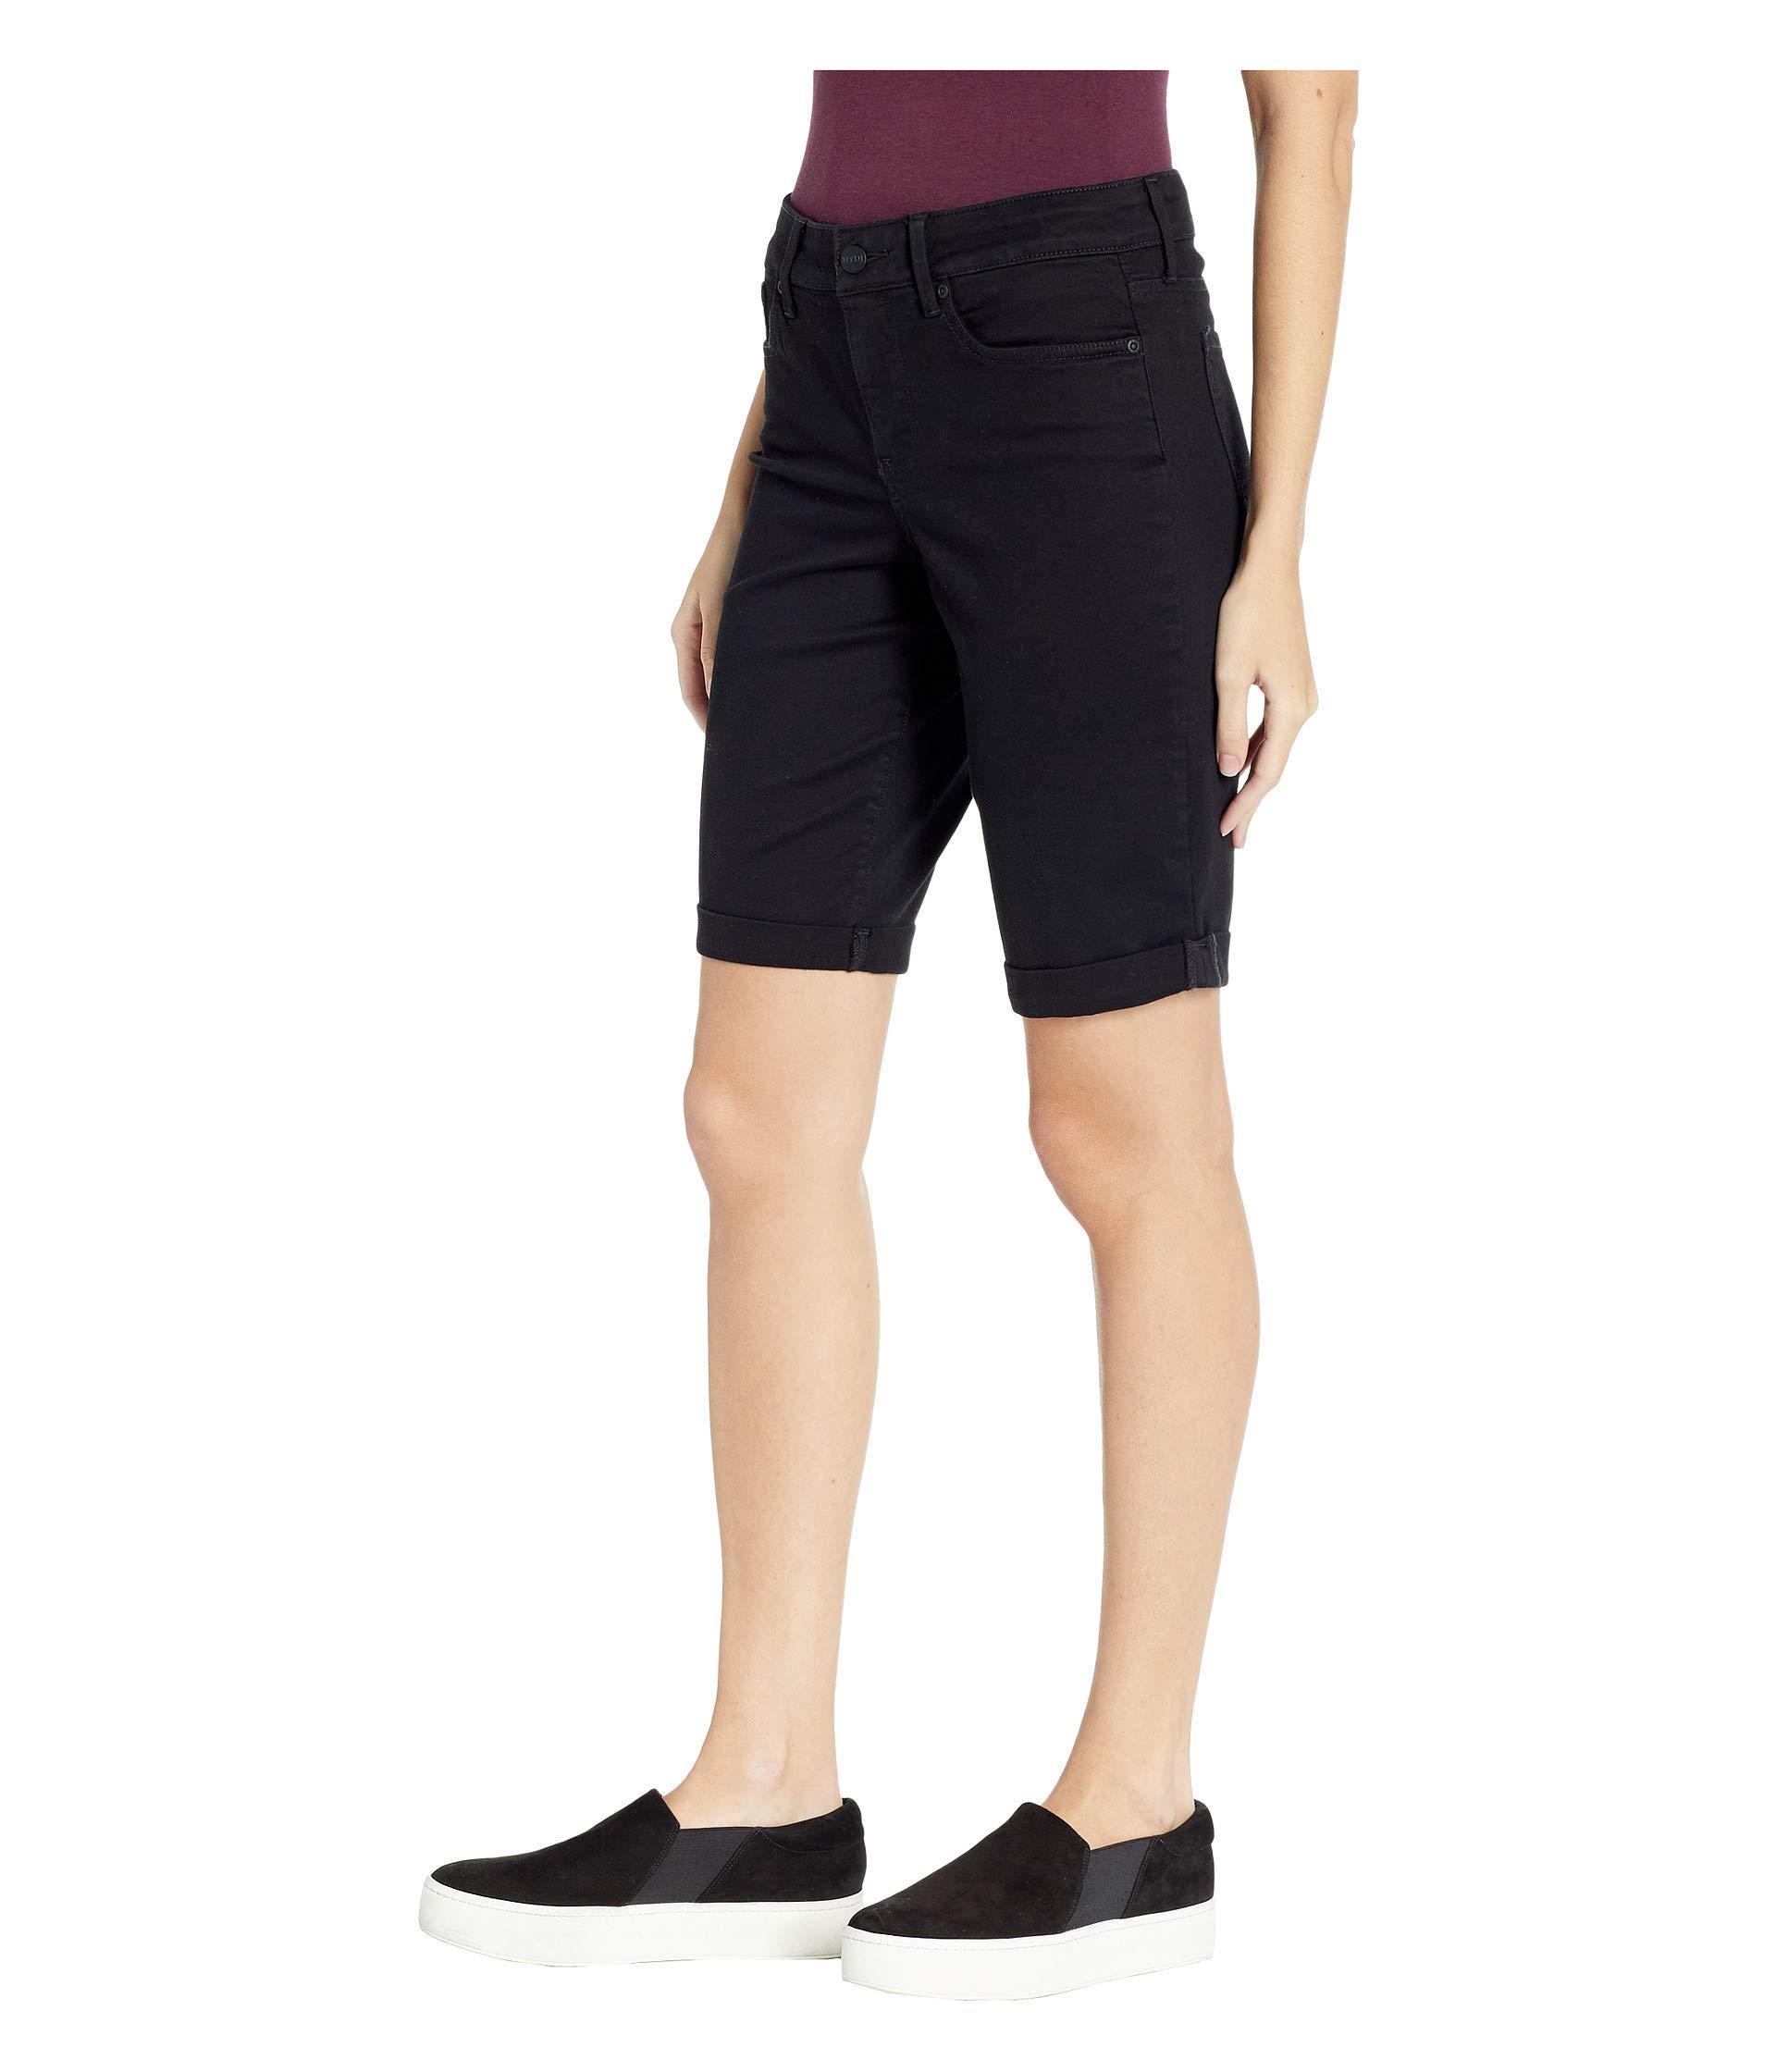 bc8b965c2d Lyst - NYDJ Briella Roll Cuff Shorts In Black (black) Women's Shorts in  Black